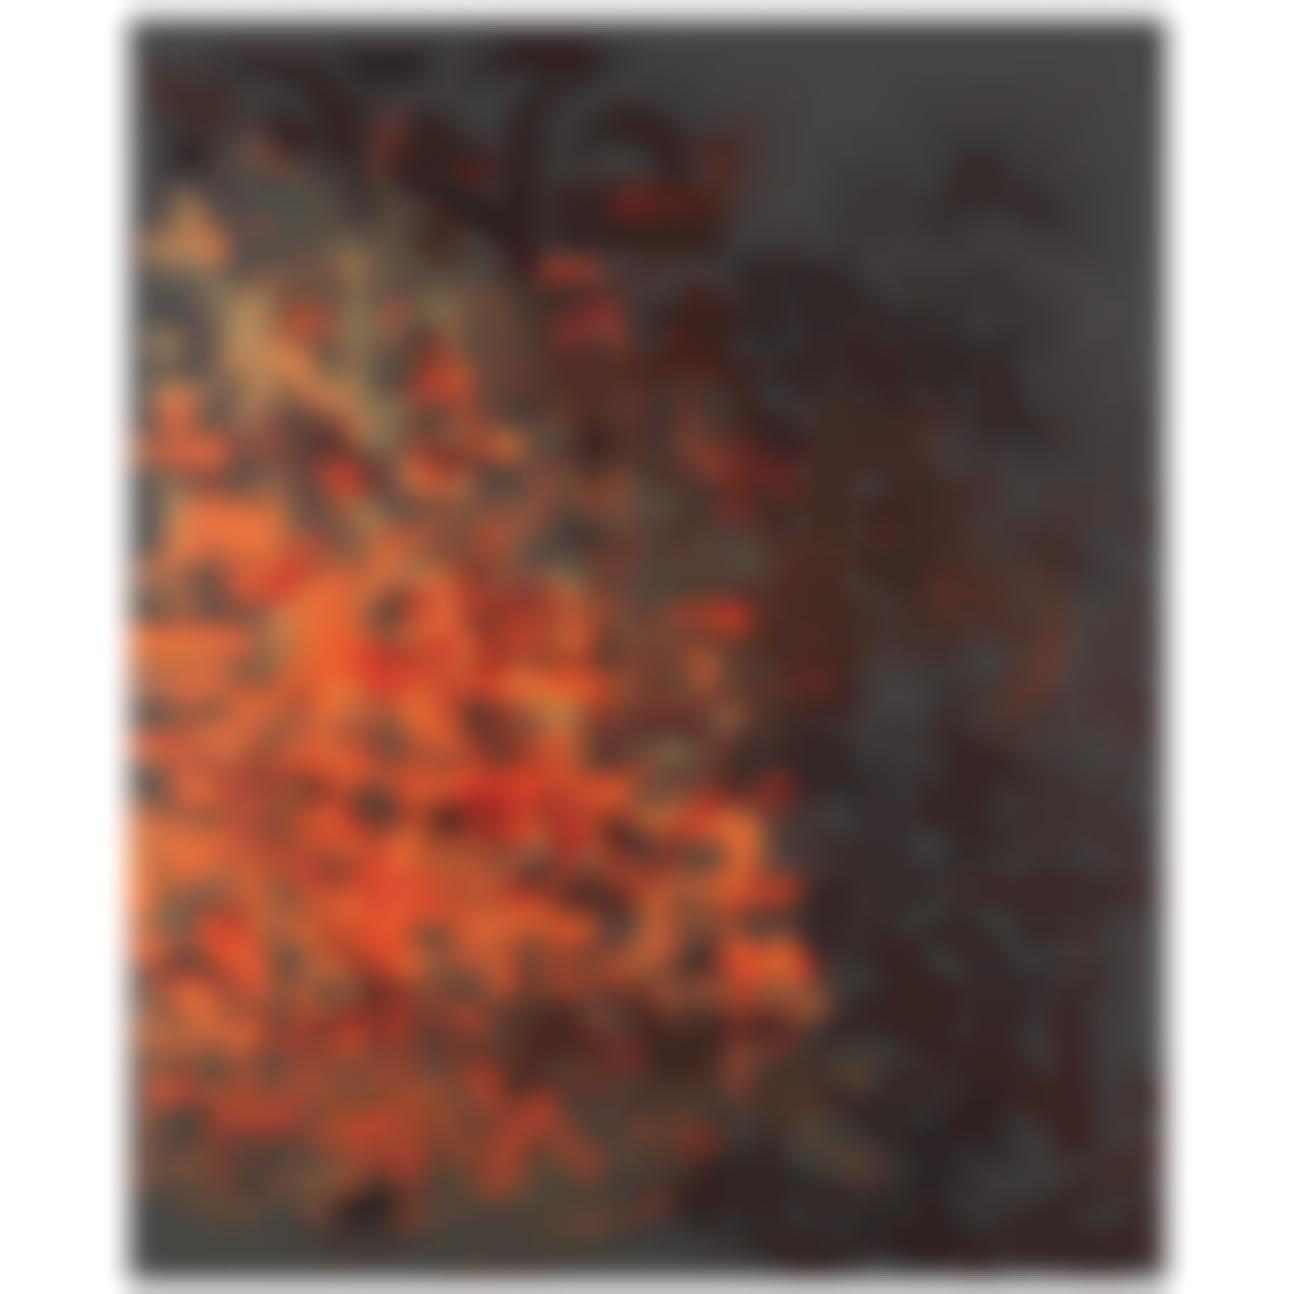 Monde-Orange Is The New Black-2014